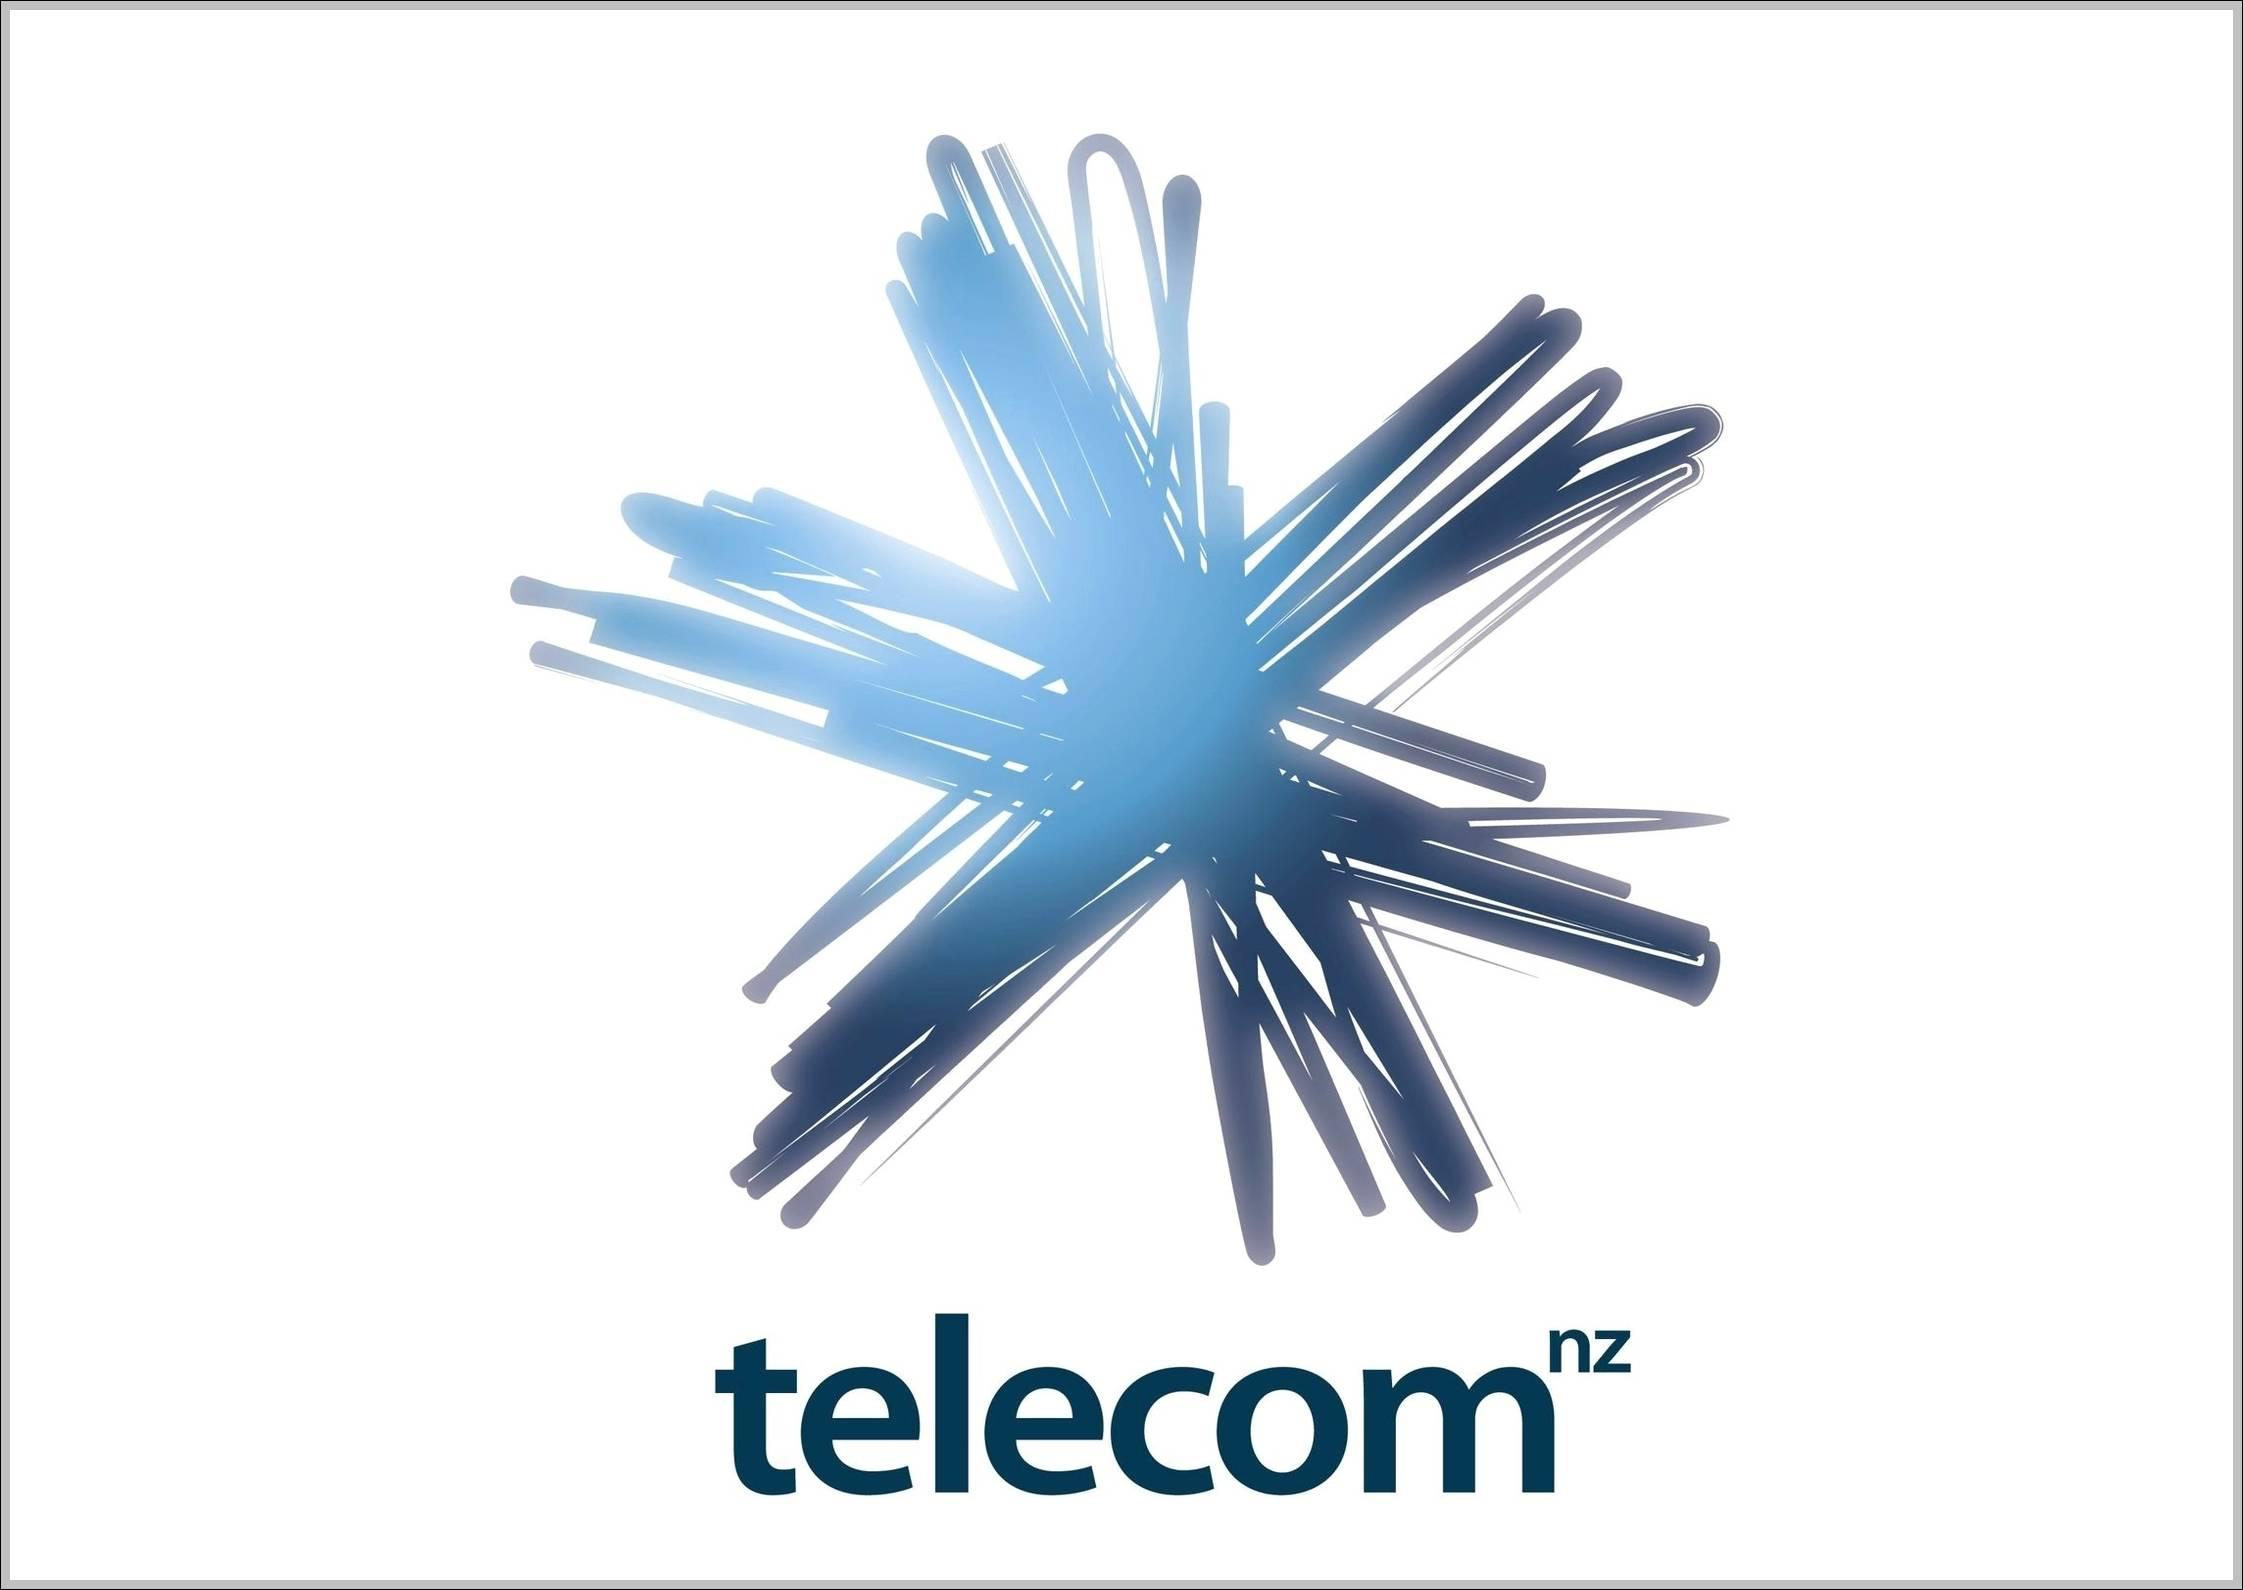 Telecom NZ logo